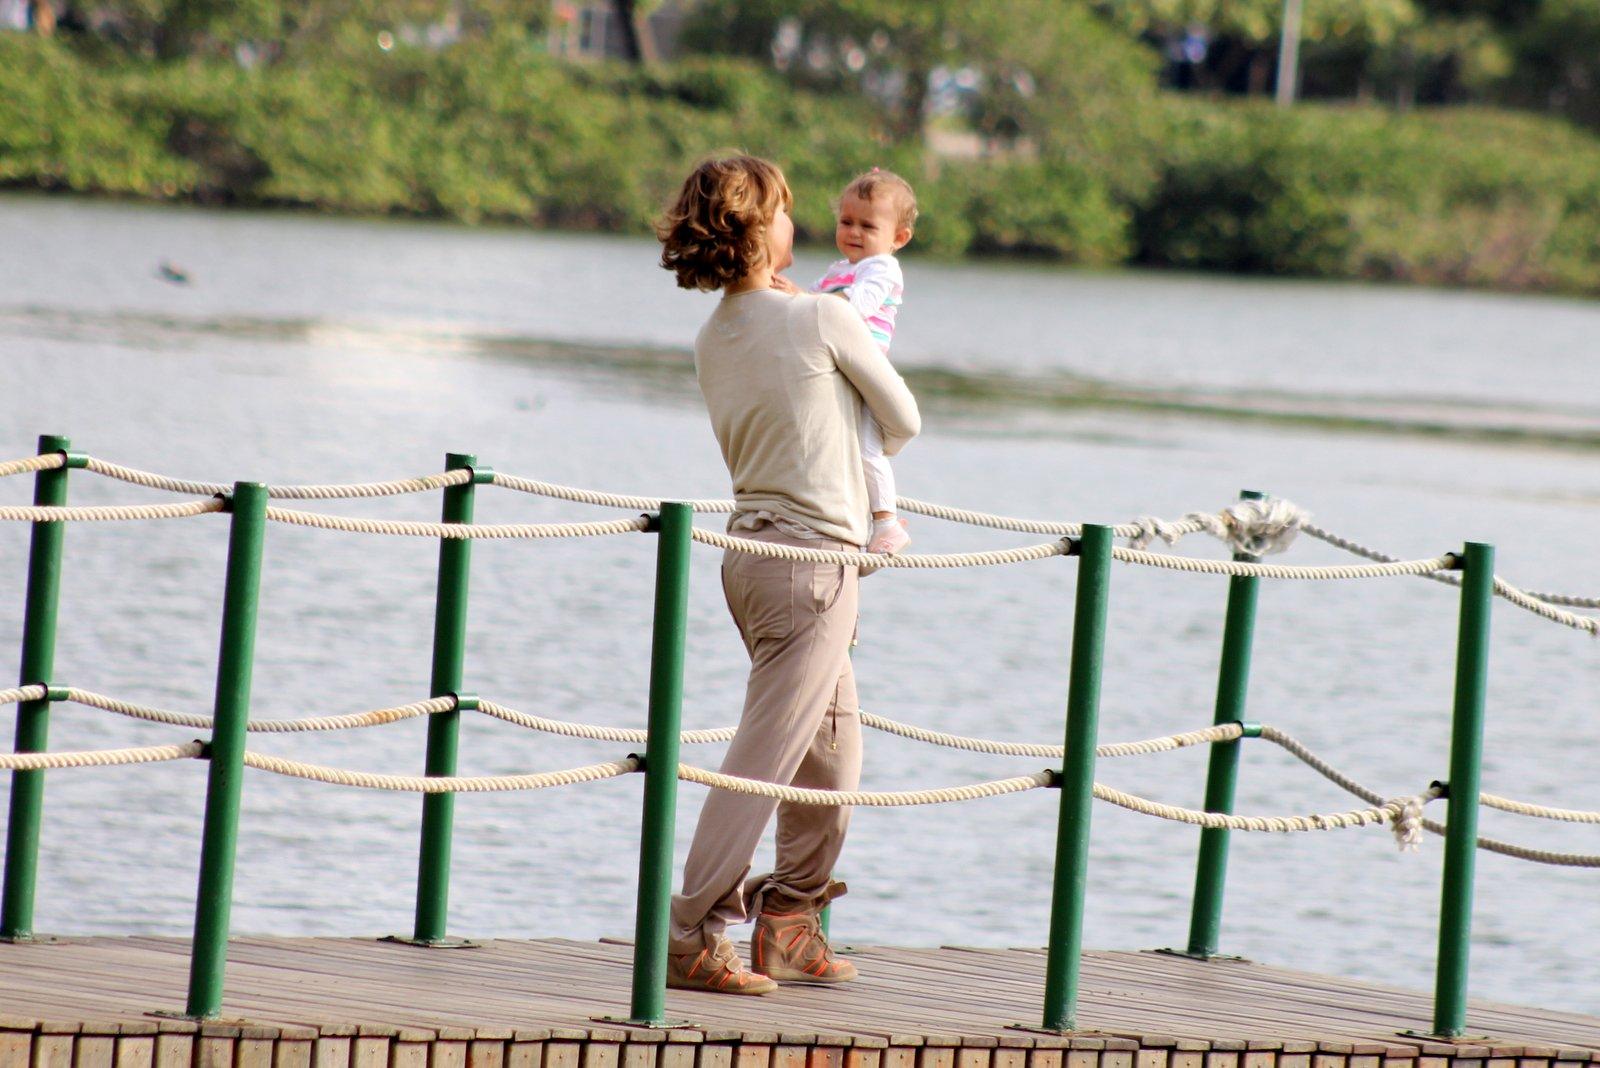 Guilhermina Guinle aproveitou o dia de sol que fez no Rio de Janeiro para brincar com a filha ao ar livre